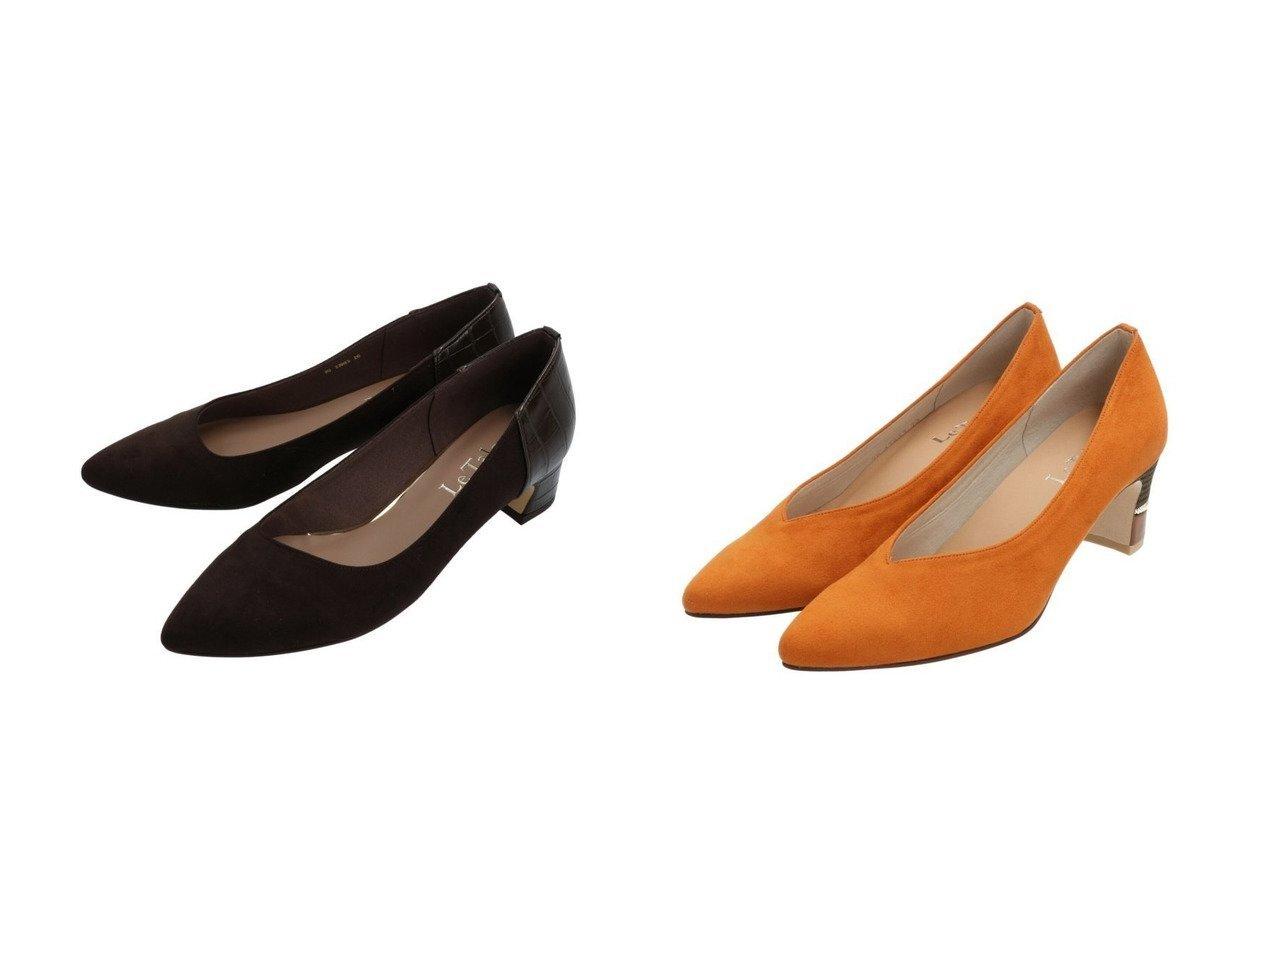 【Le Talon/ル タロン】の6cmPOハイバンプPS(22.0-25.5)&4cmオブリークバックコンビPS(22-25) シューズ・靴のおすすめ!人気、トレンド・レディースファッションの通販  おすすめで人気の流行・トレンド、ファッションの通販商品 メンズファッション・キッズファッション・インテリア・家具・レディースファッション・服の通販 founy(ファニー) https://founy.com/ ファッション Fashion レディースファッション WOMEN バッグ Bag 2020年 2020 2020-2021 秋冬 A/W AW Autumn/Winter / FW Fall-Winter 2020-2021 A/W 秋冬 AW Autumn/Winter / FW Fall-Winter インソール クッション シューズ インナー オレンジ 抗菌 スエード フィット ロング ワイド |ID:crp329100000009817